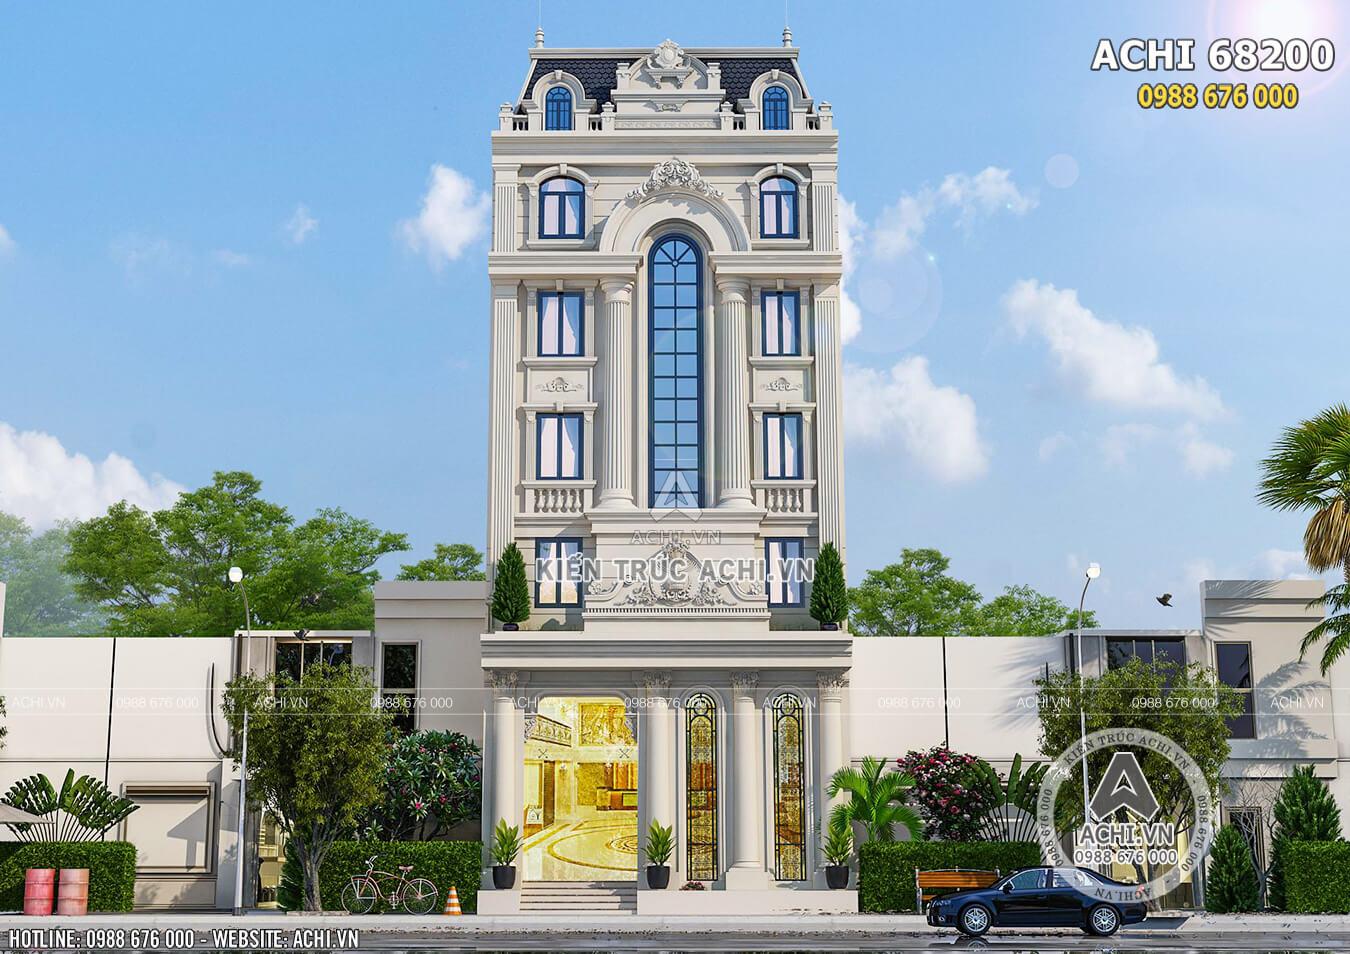 Không gian ngoại thất mặt tiền mẫu thiết kế khách sạn 2 sao mặt tiền 8m đẹp tại Hà Nam - Mã số: ACHI 68200